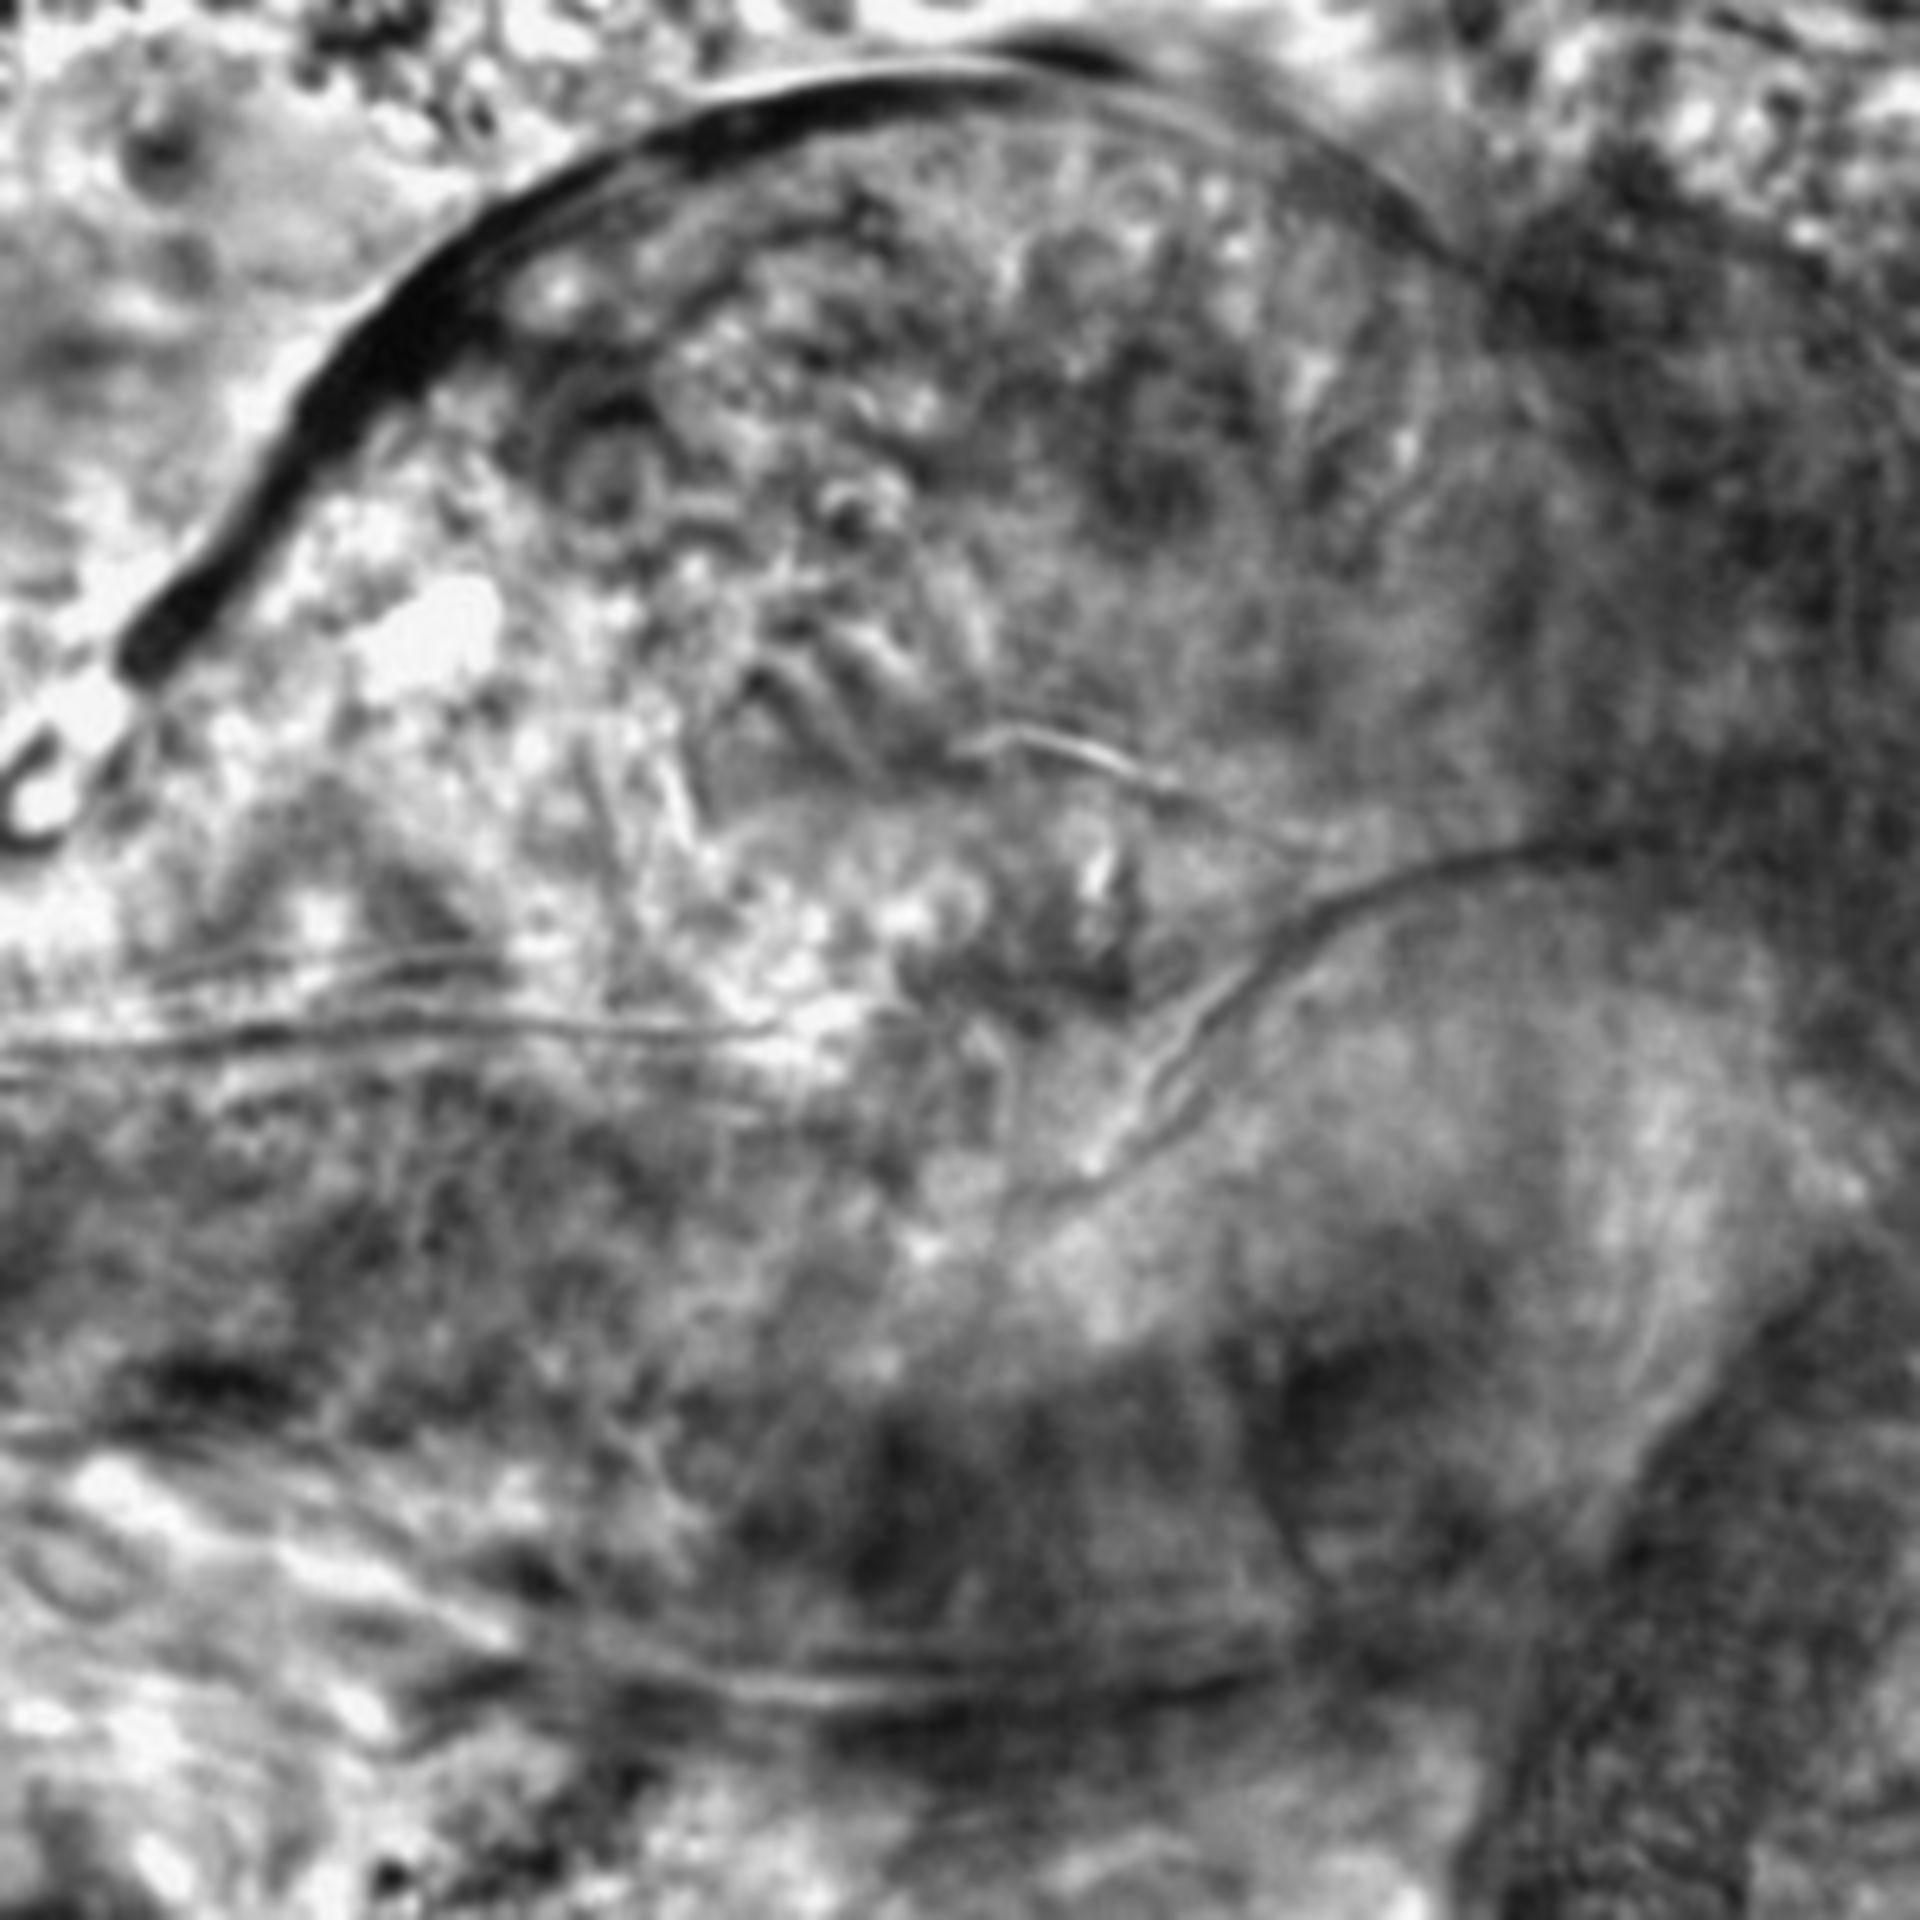 Caenorhabditis elegans - CIL:2586